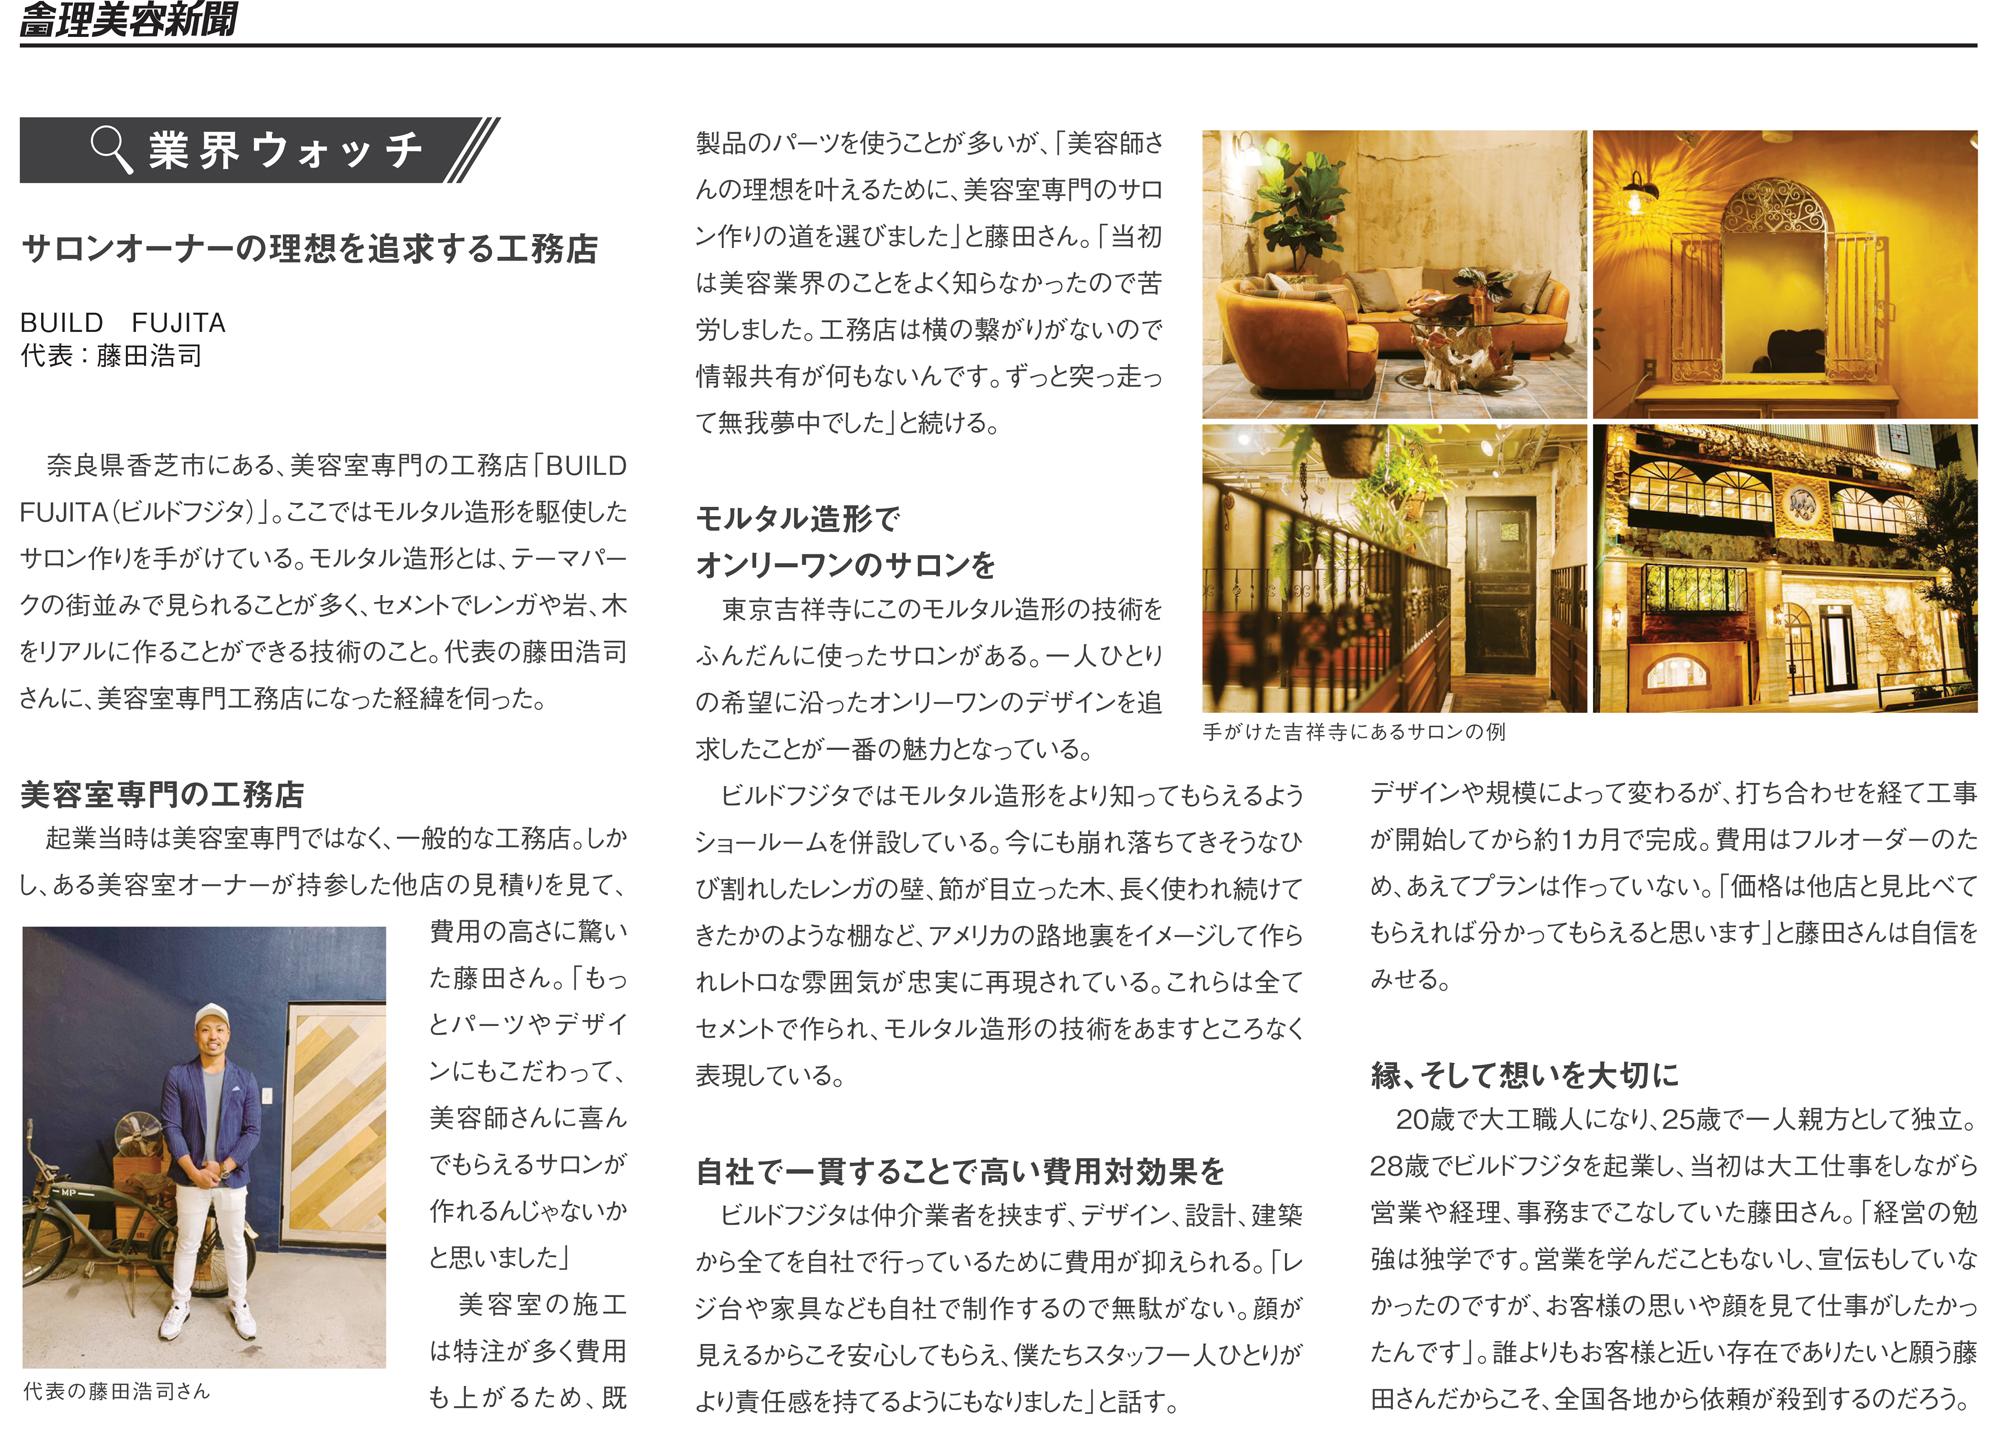 全国理美容新聞 - 美容室専門工務店 BUILD FUJITA(ビルドフジタ)